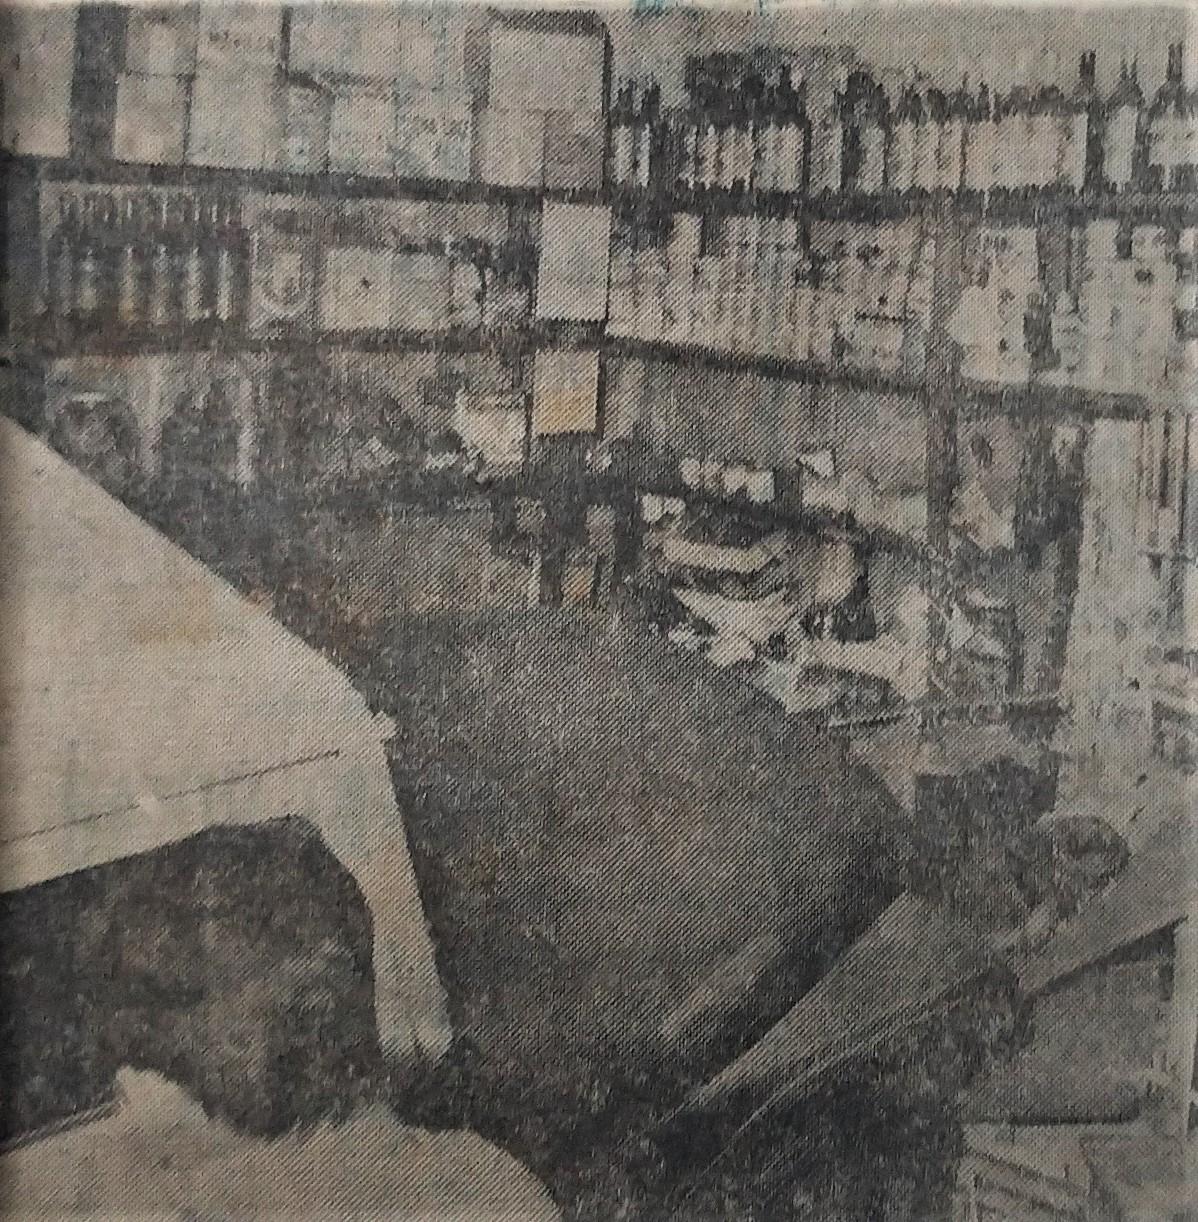 Jipe entra em bar - Outubro de 1962